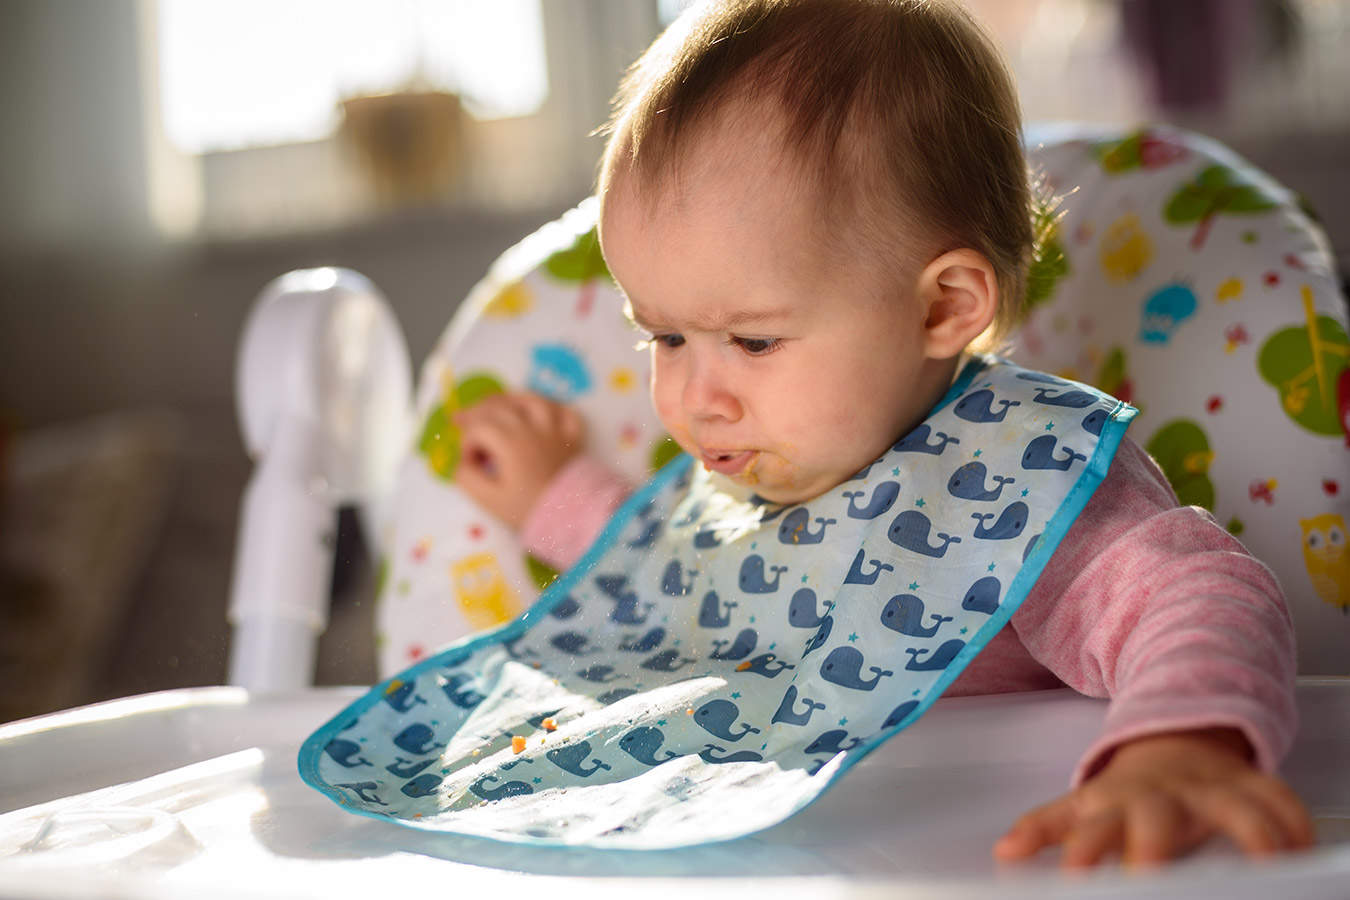 33 tygodniowe dziecko – Jak wygląda 8 miesiąc życia dziecka?